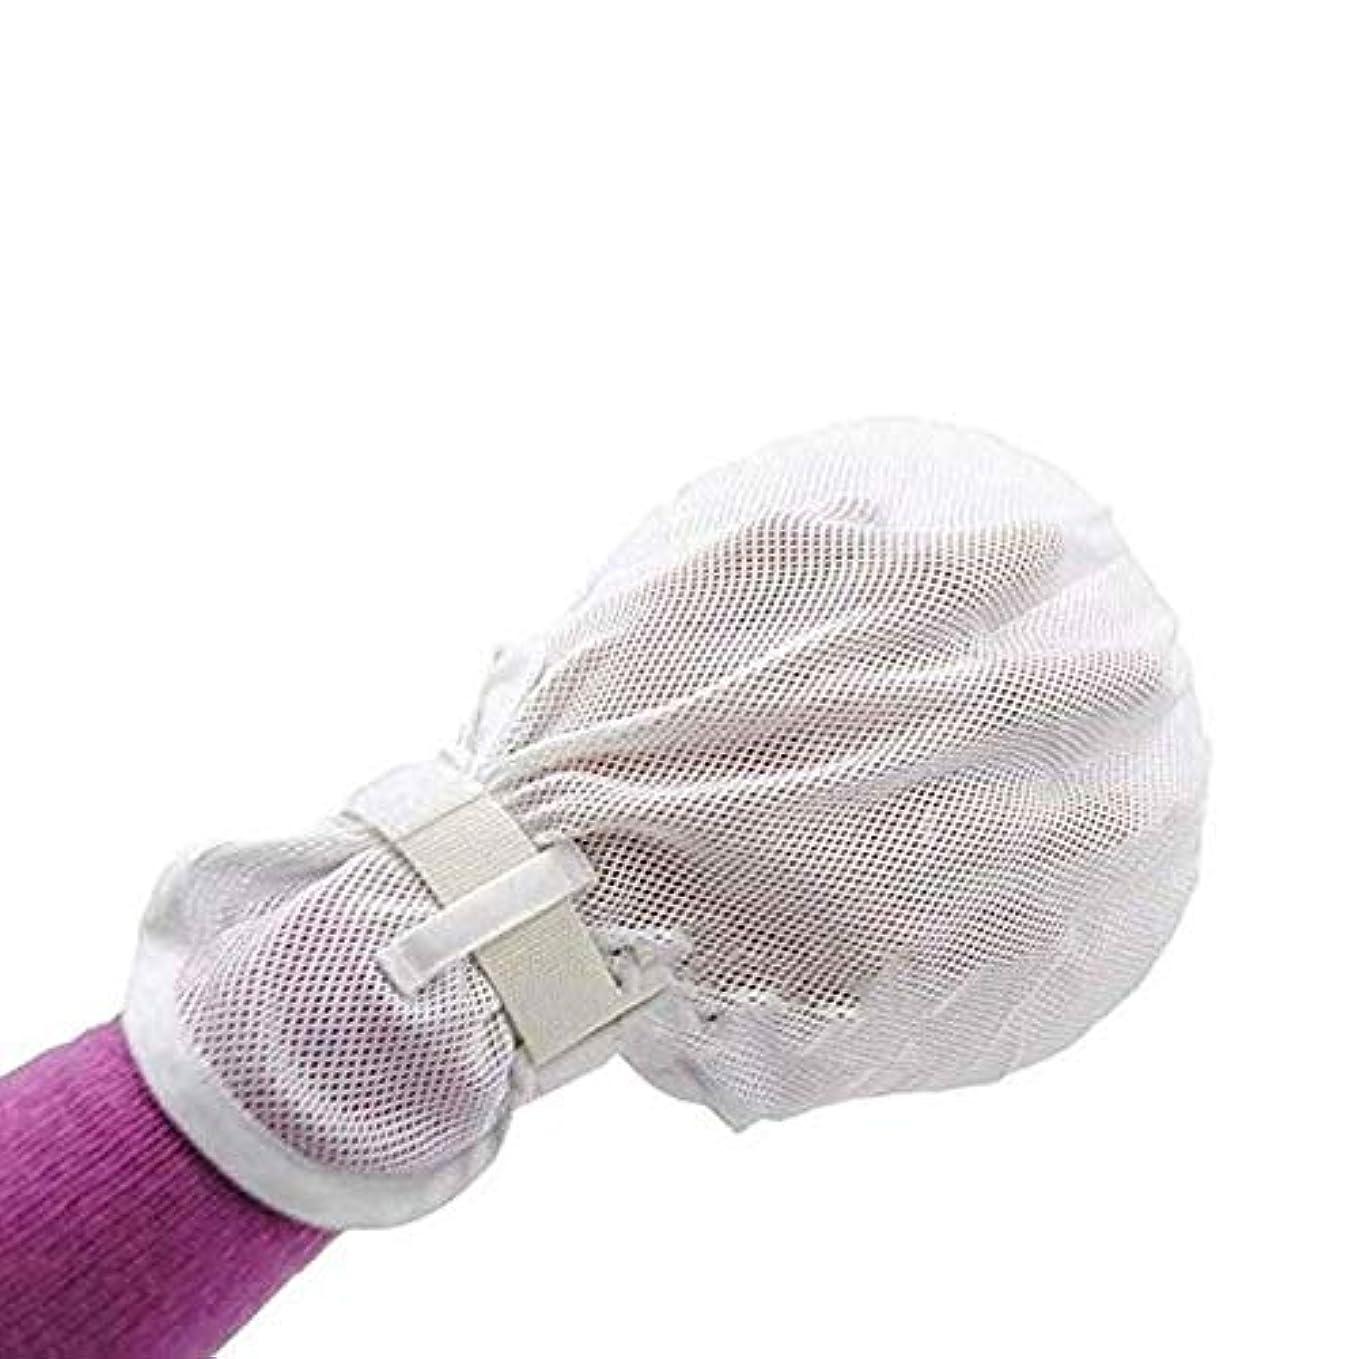 ダイヤルソブリケット後ろに冷却ネット保護パッド、調節可能な手首、指の怪我を防ぐフィンガーコントロールグローブハンド 手袋、保護内側の傷防止パッド(1ペア)